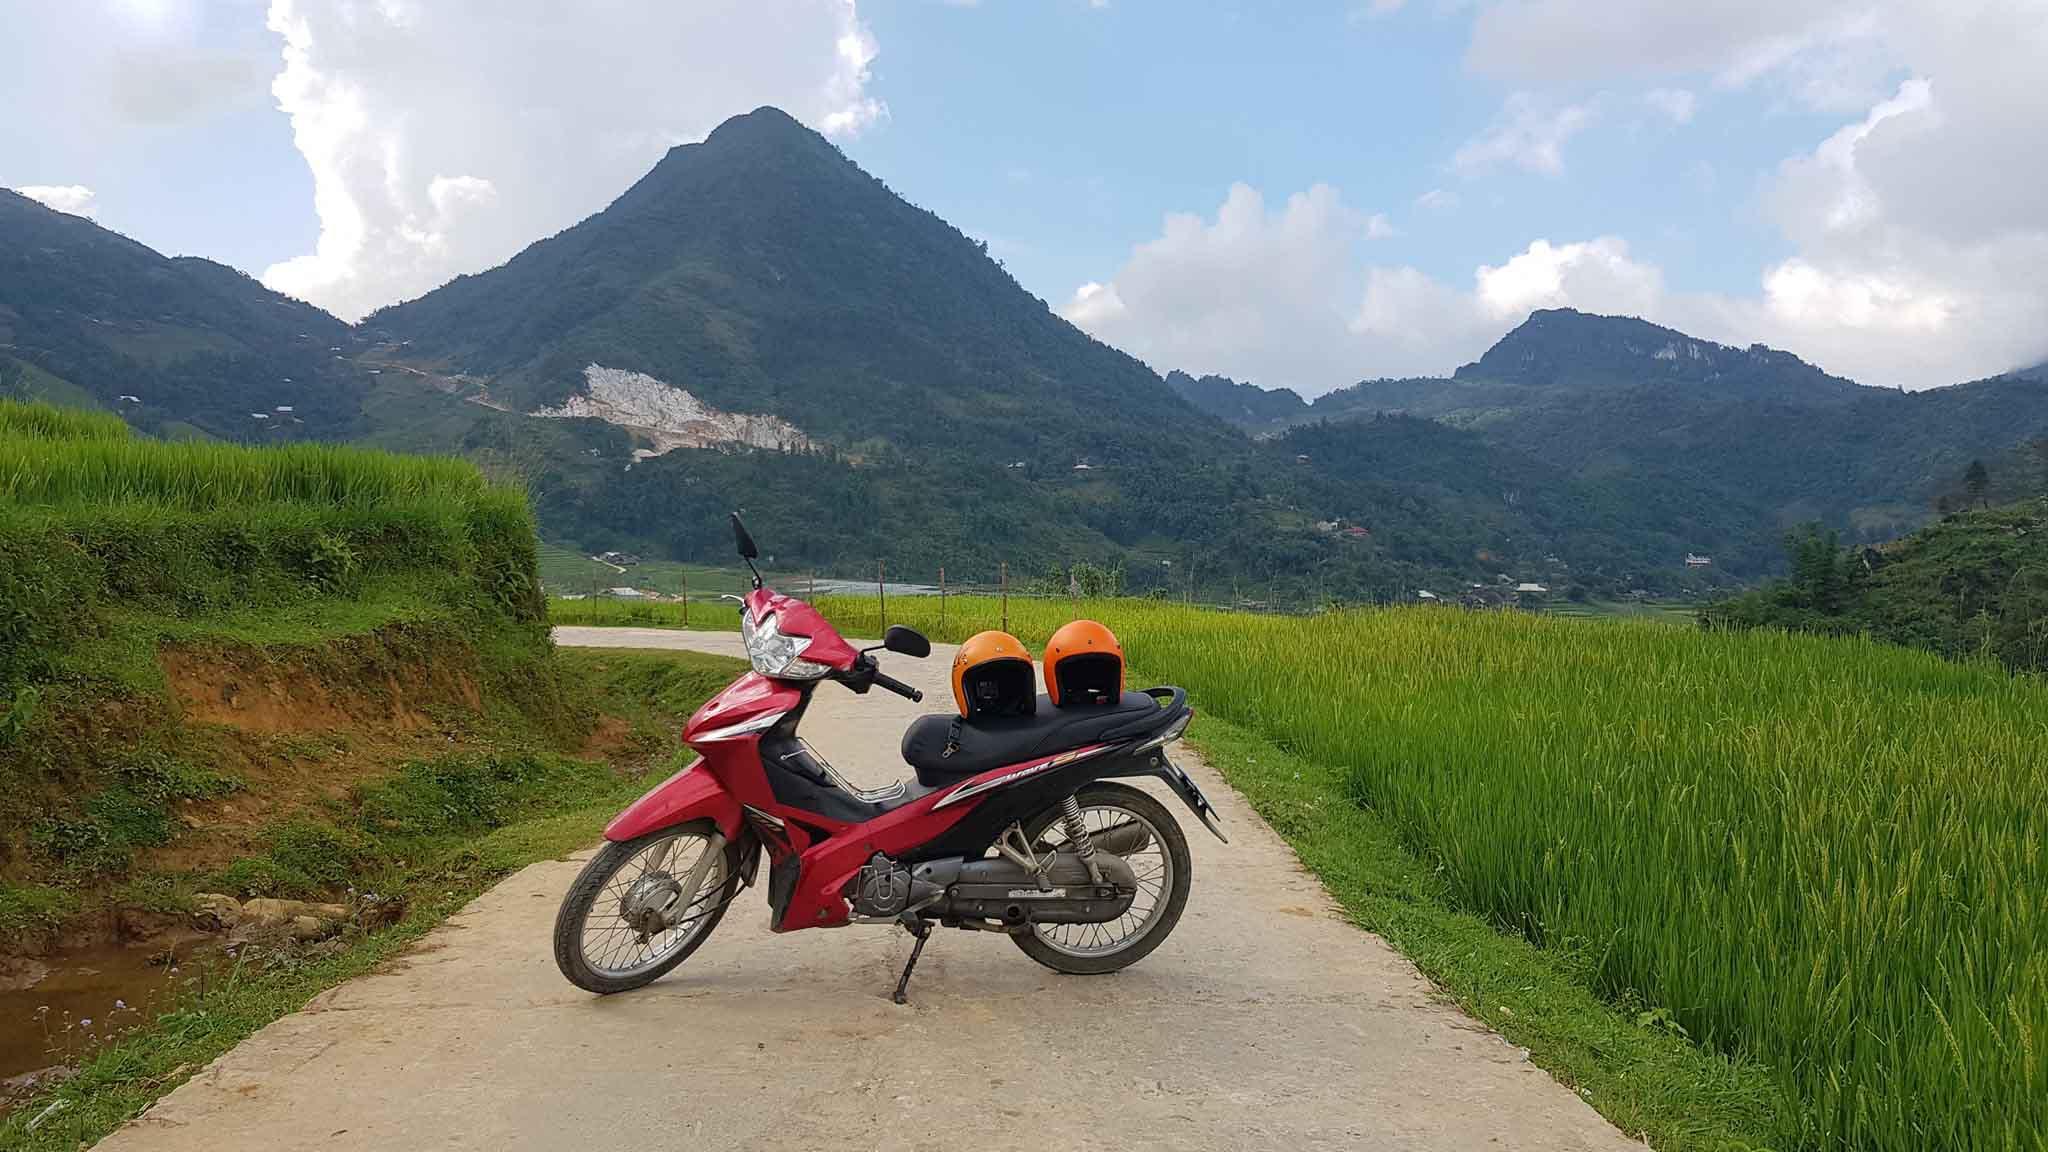 Di chuyển tại Sapa bằng xe máy